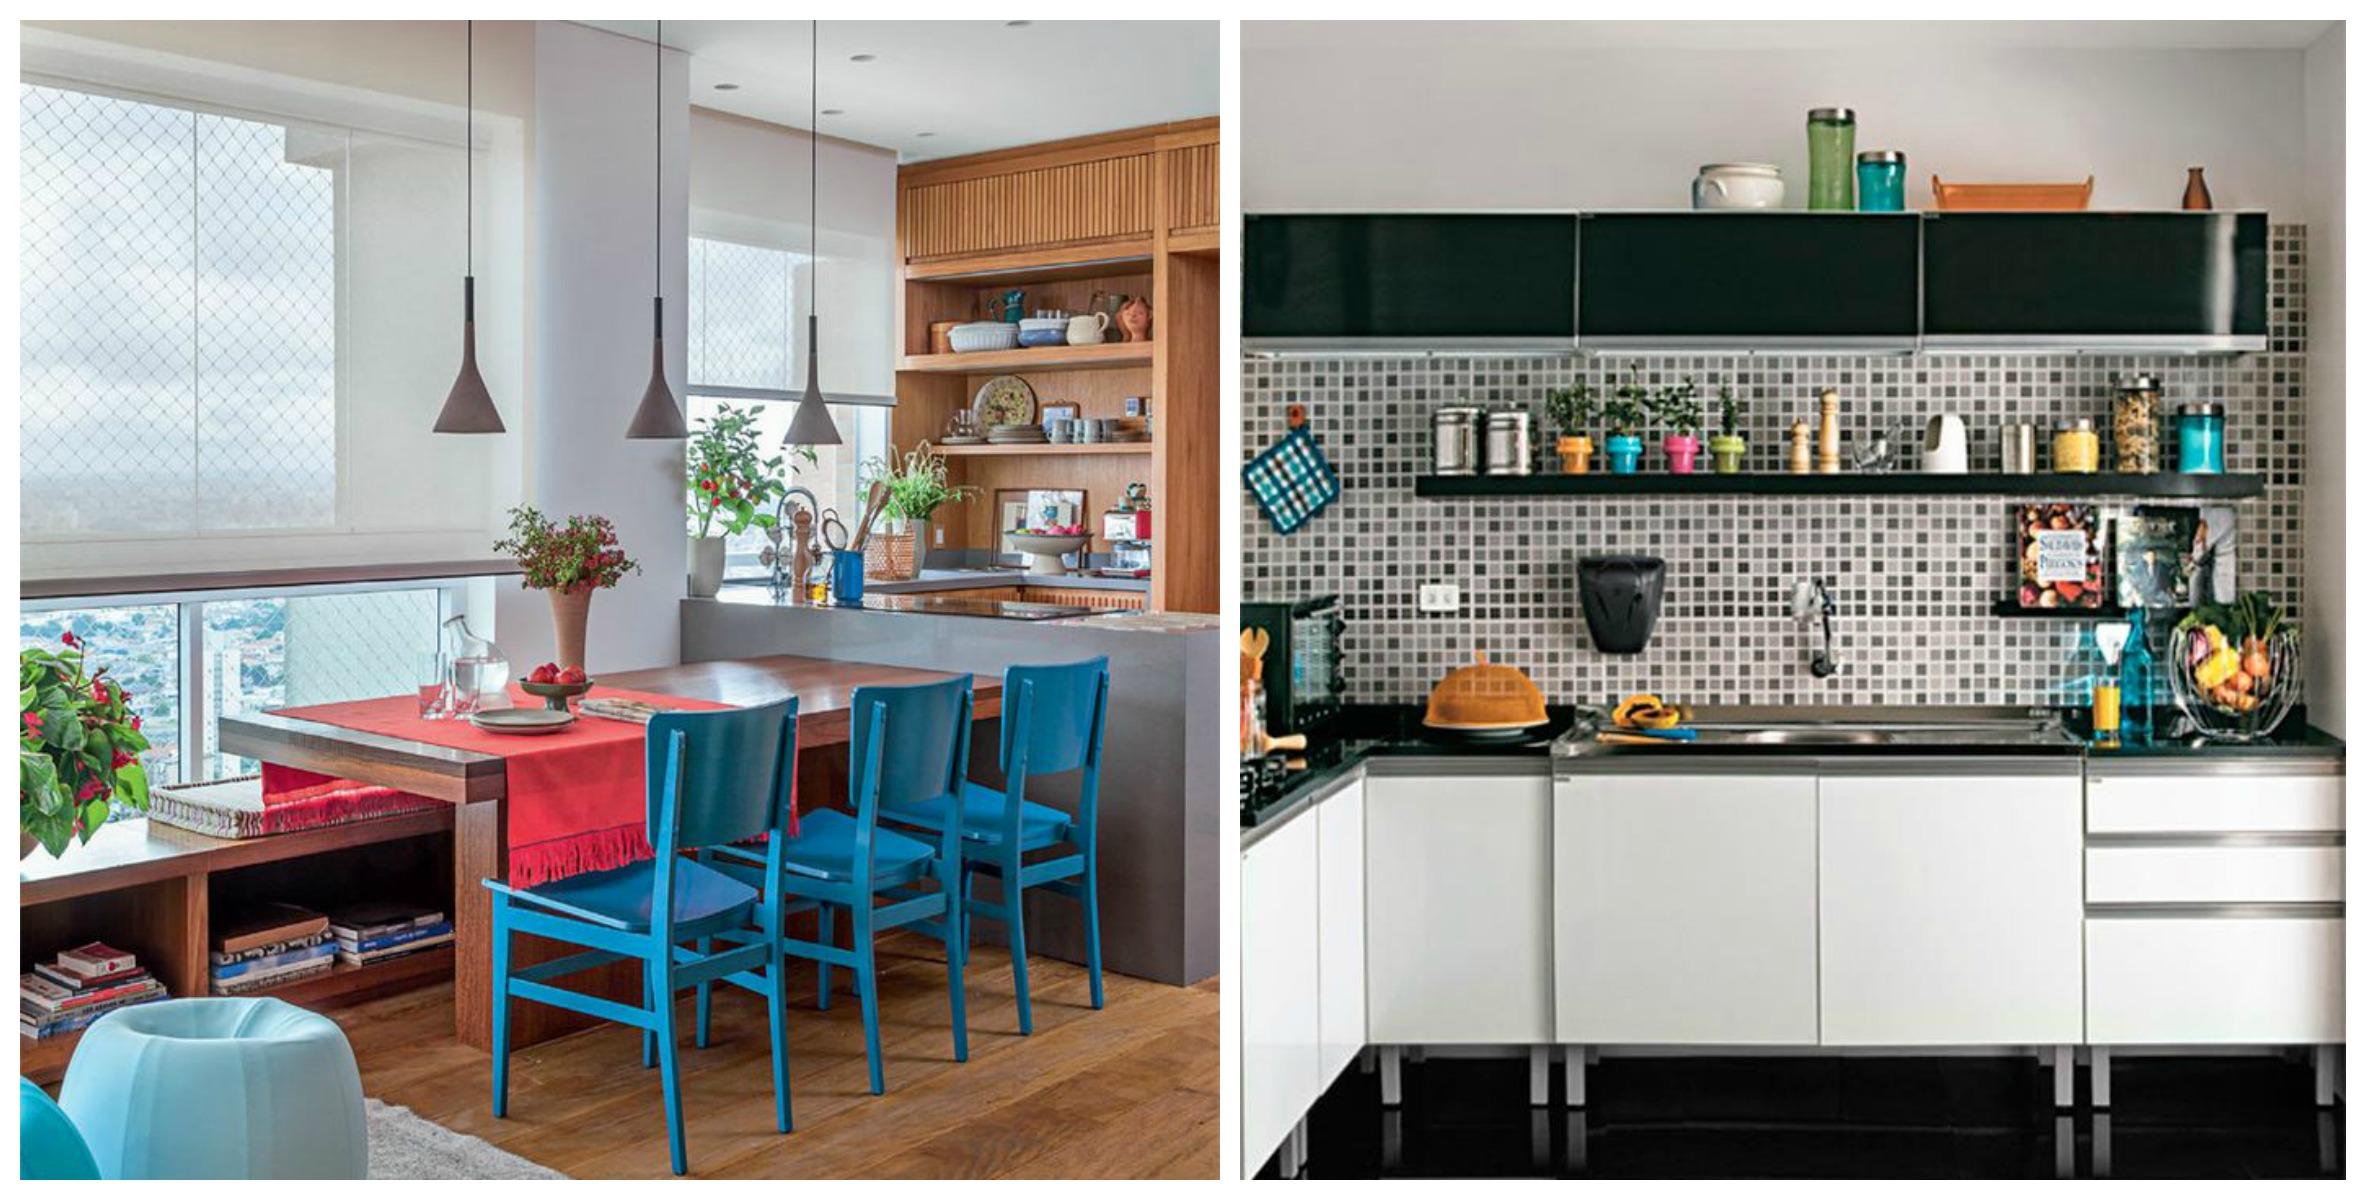 Cozinhas dos sonhos no Pinterest Colirio Rosa #1B6A85 2366 1200